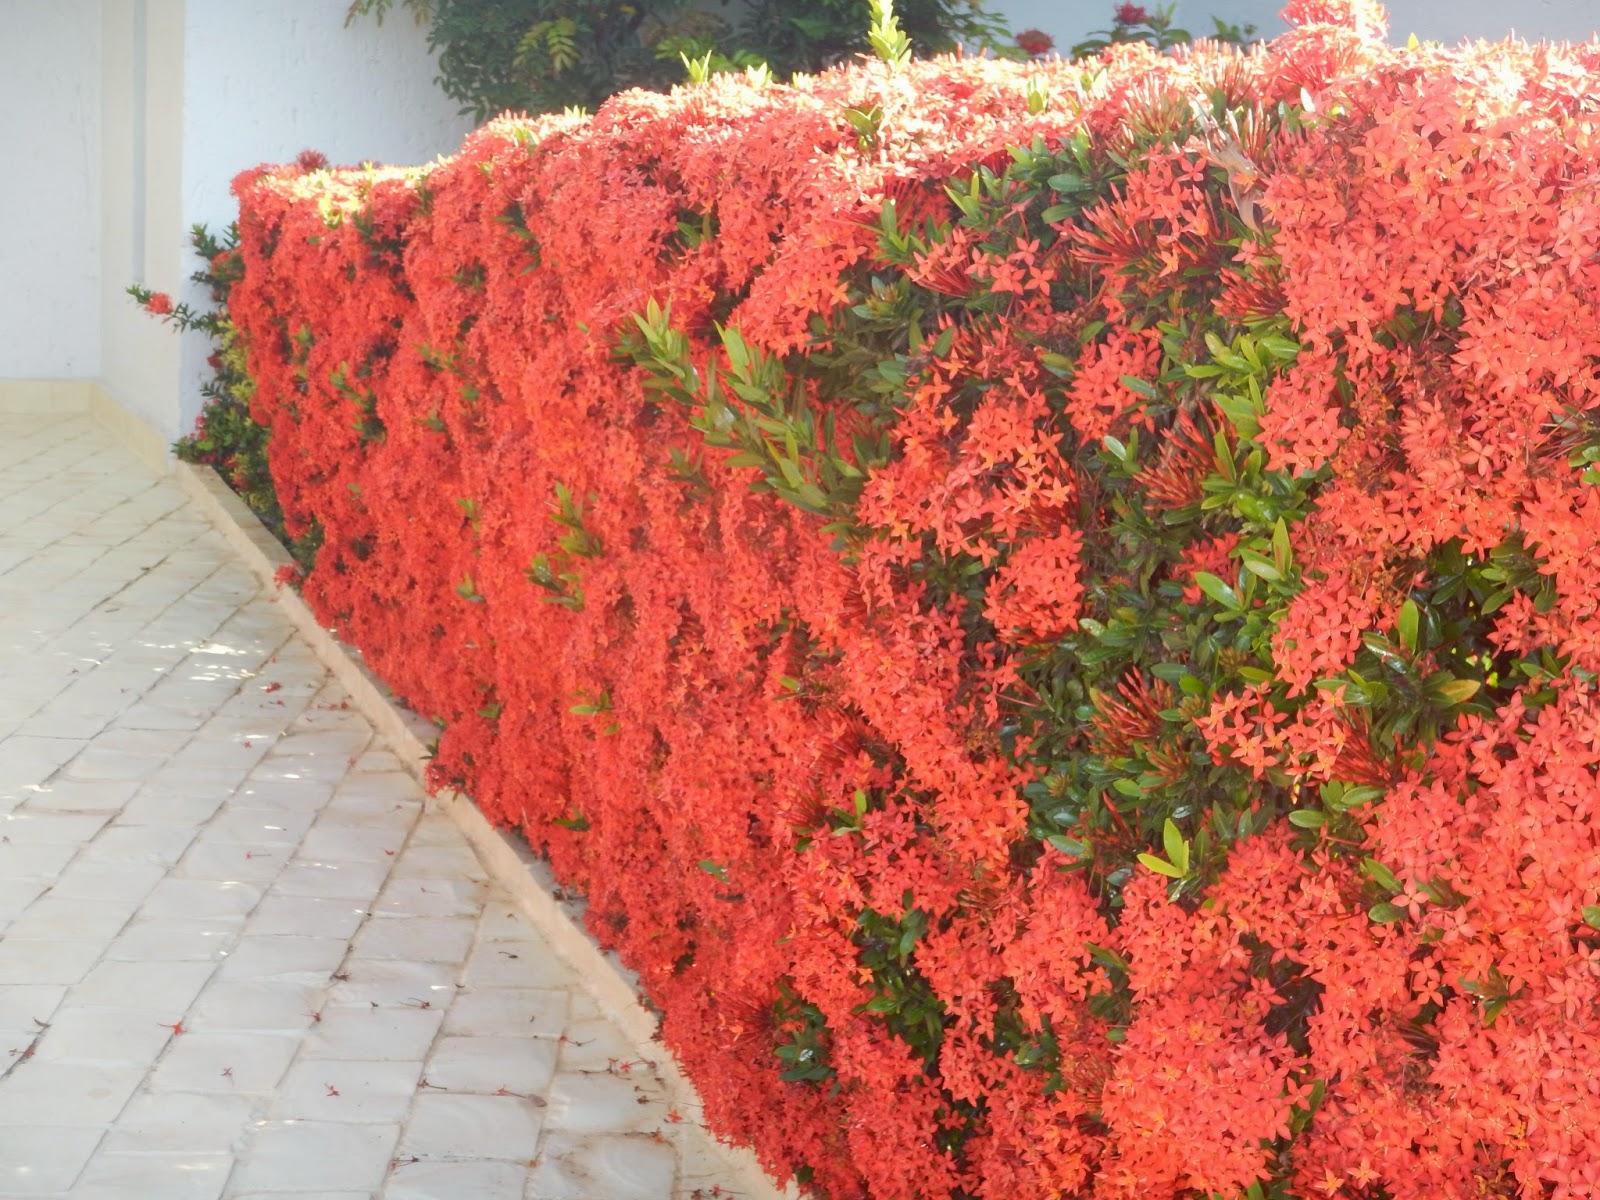 Favoritos Blog da Adriana Alvim: Ixora - jardim florido e protegido CL78